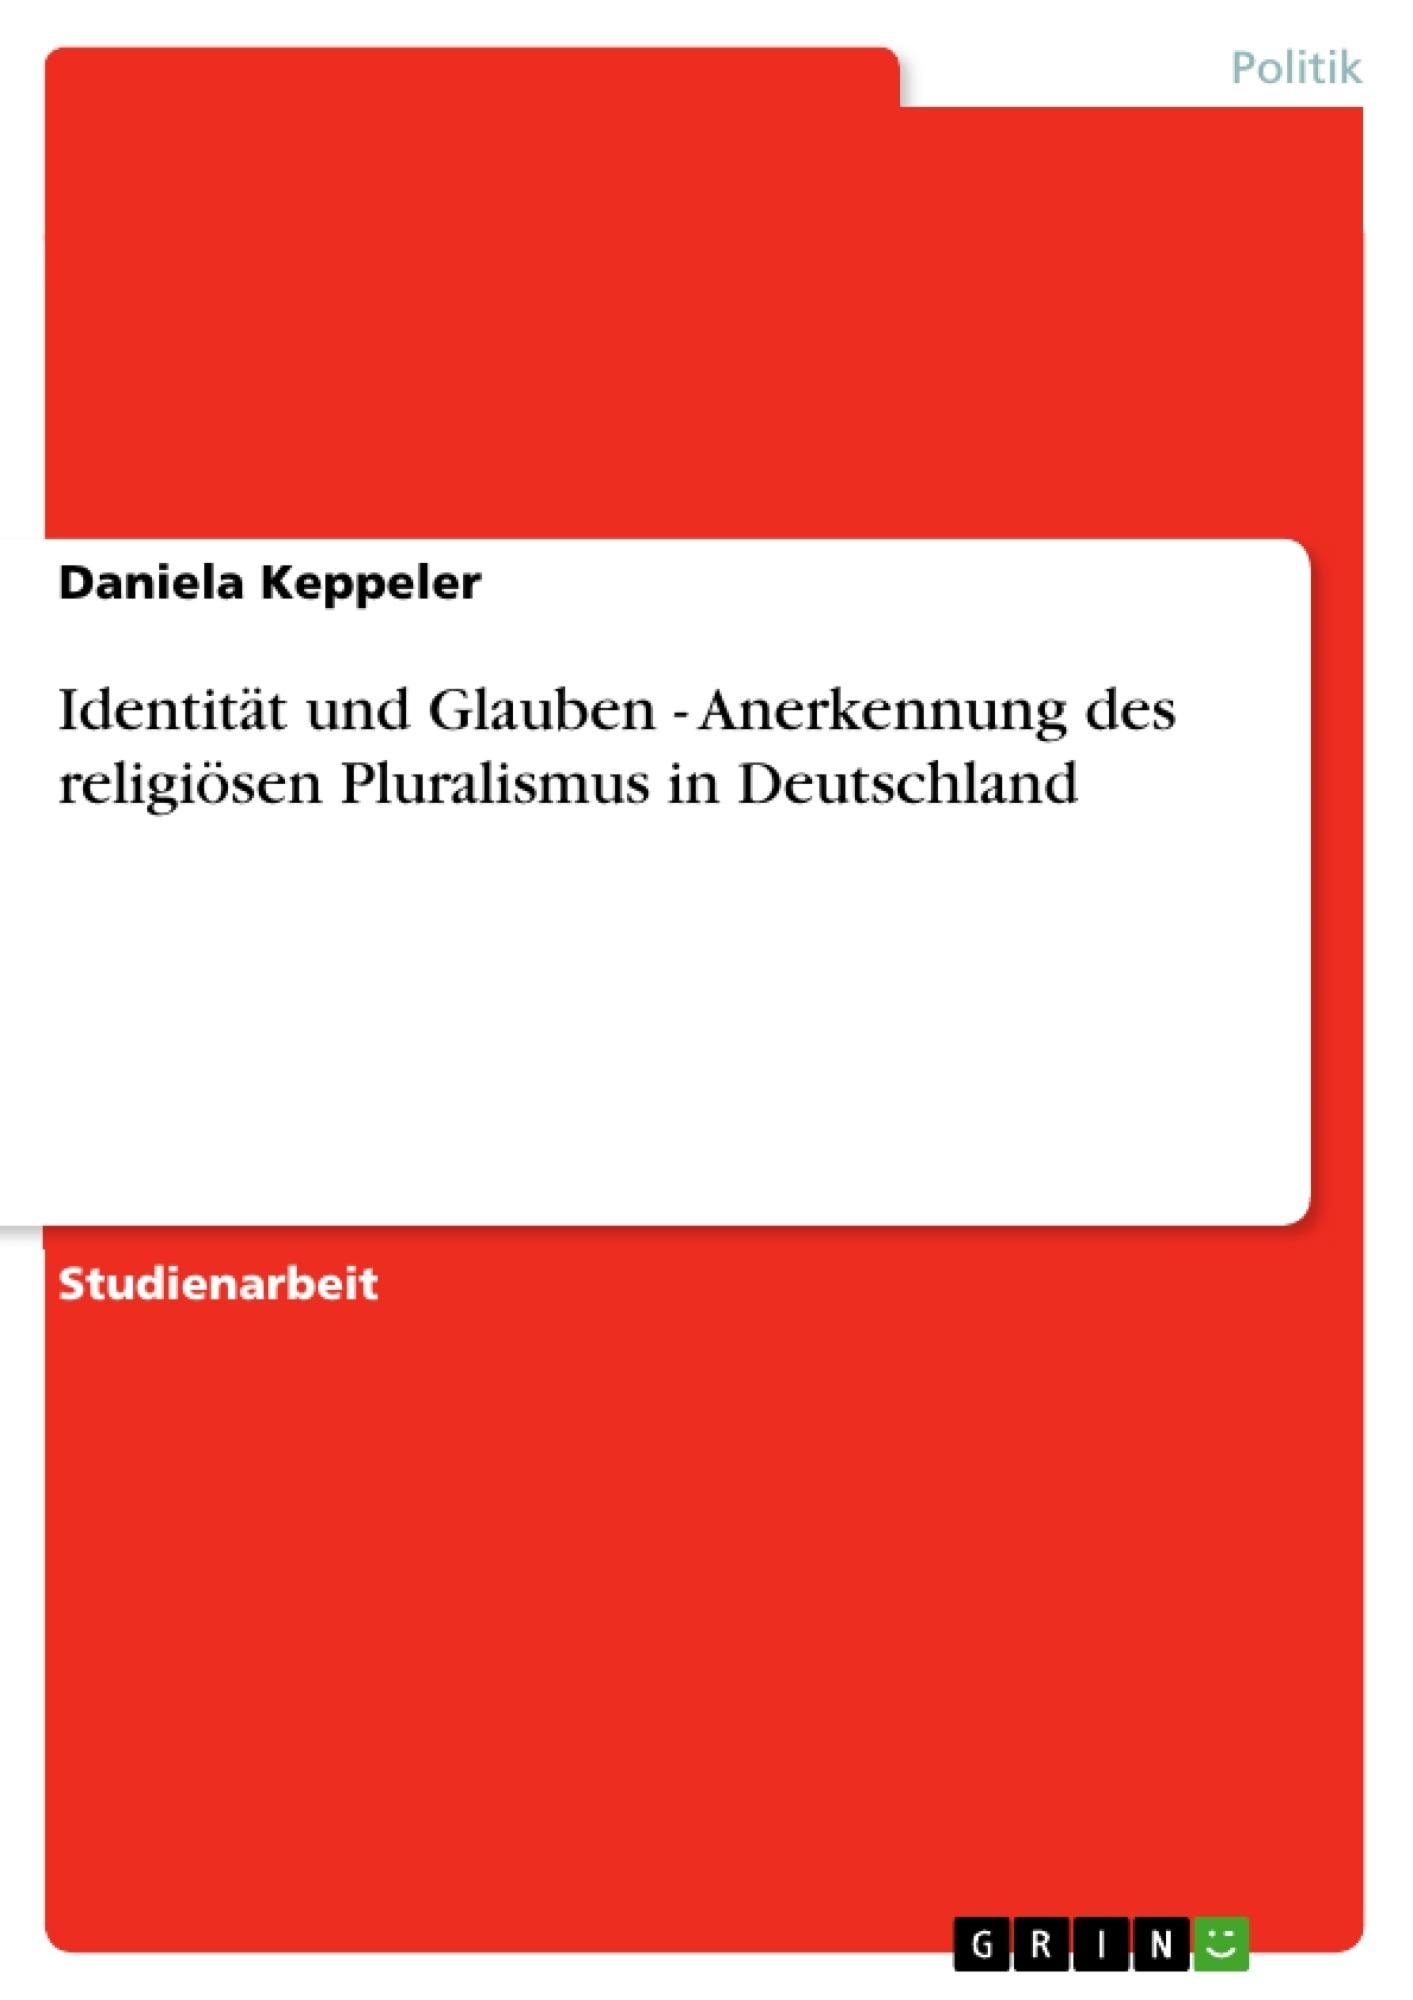 Titel: Identität und Glauben - Anerkennung des religiösen Pluralismus in Deutschland